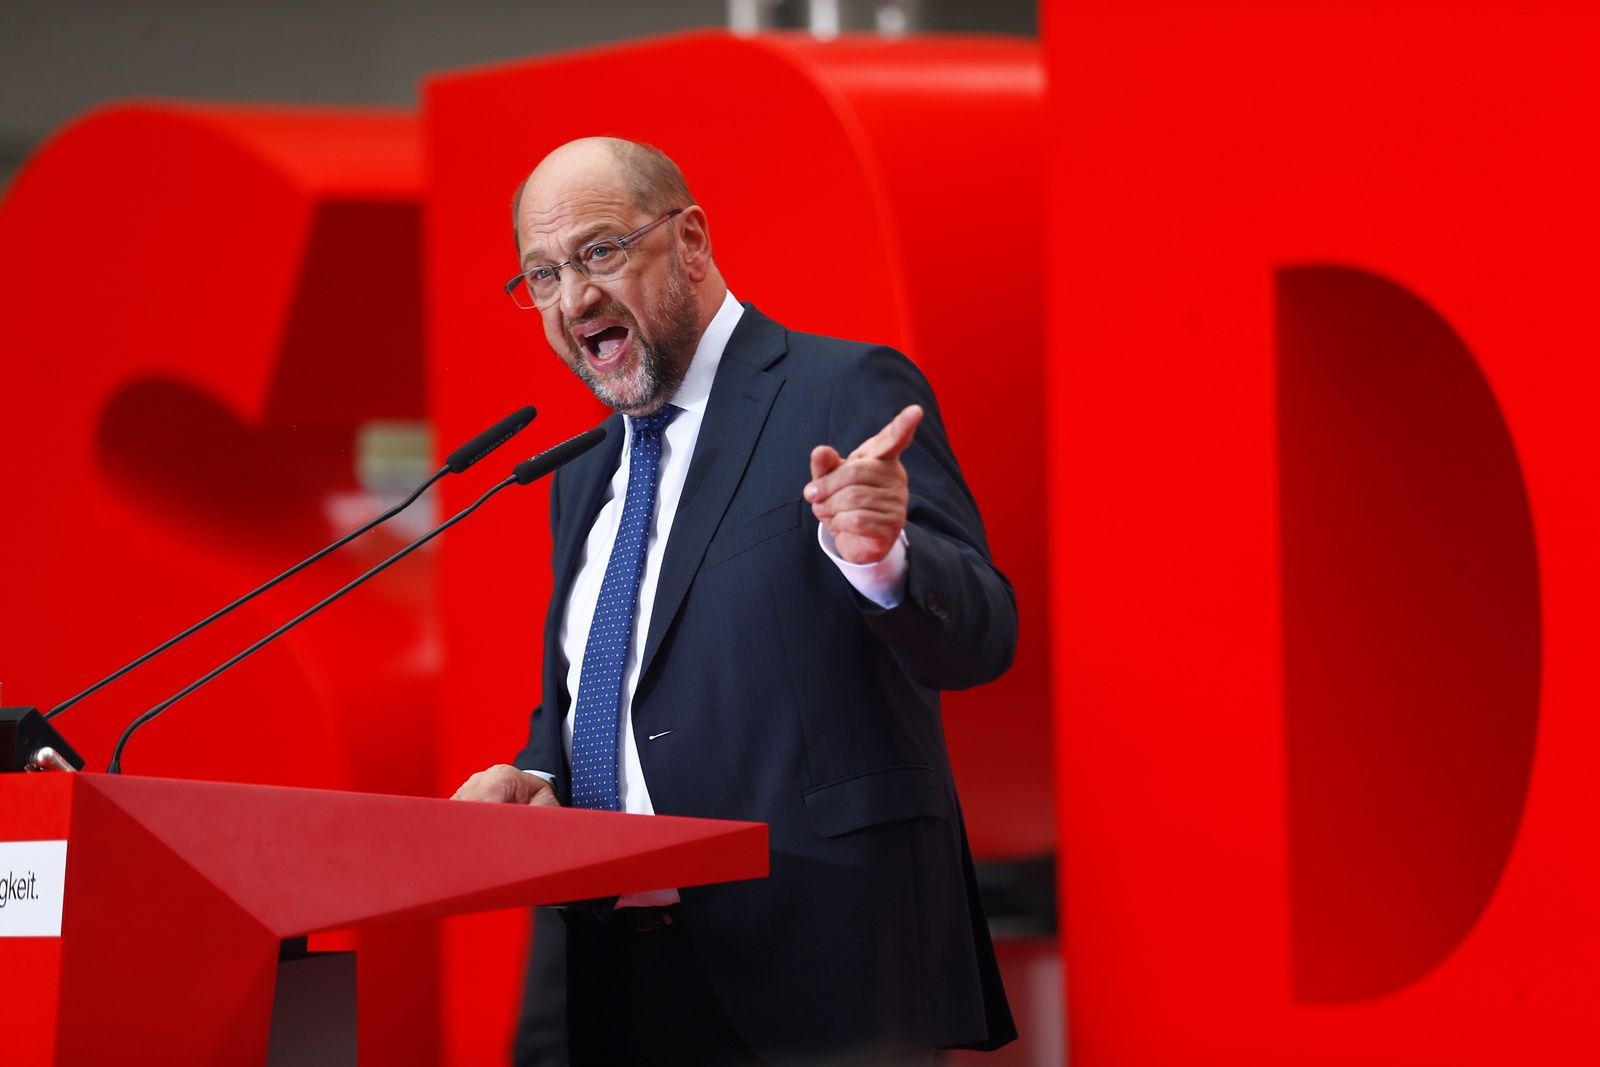 Schulz/ brüllend/ emotional/ engagiert